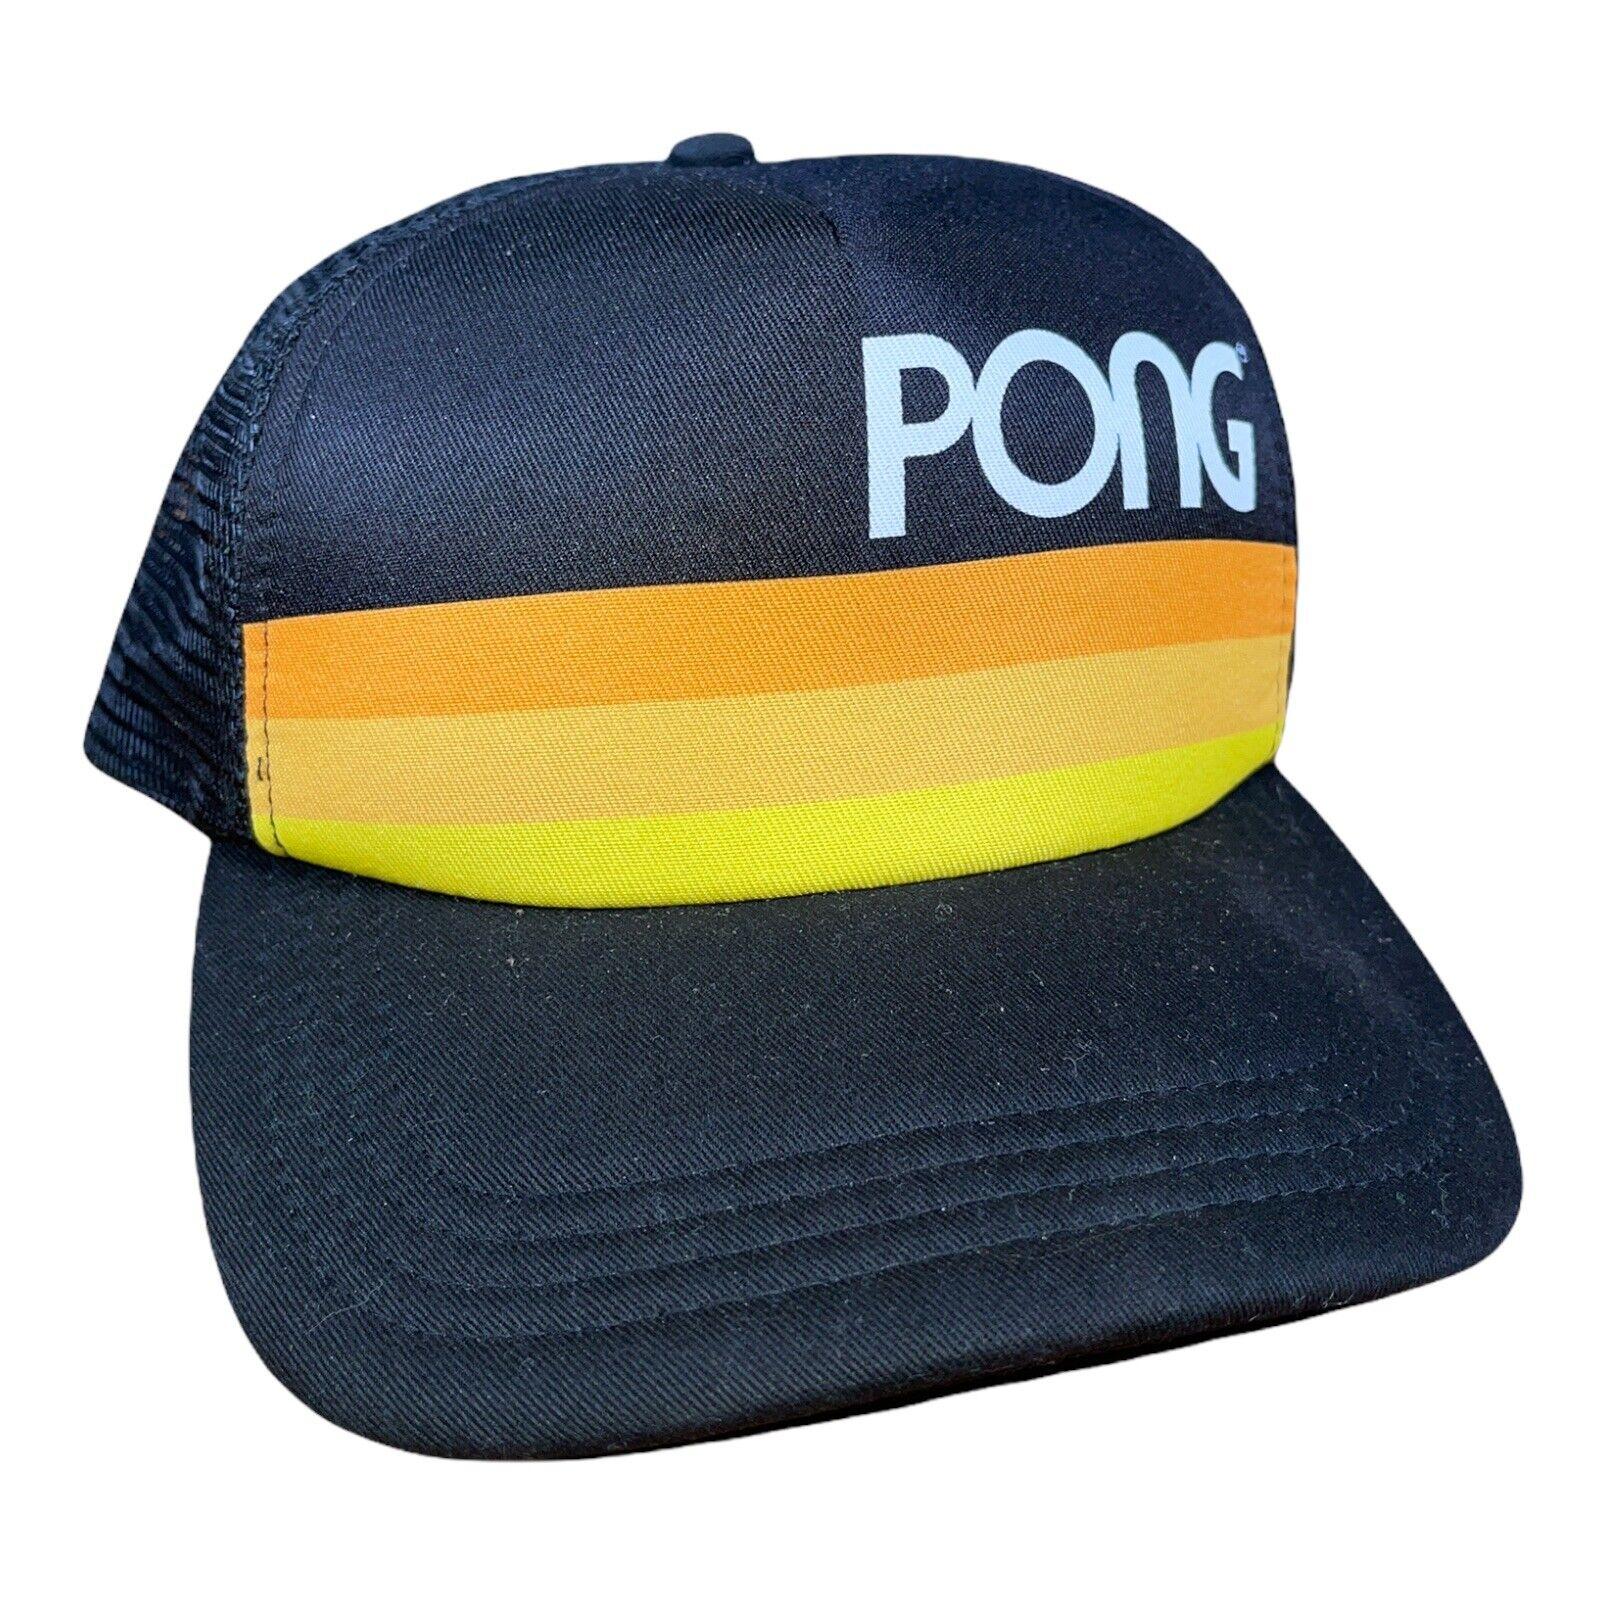 !! rara!!! Atari Pong Camionero Sombrero Gorra Ajustable Gorra De Malla Trasera H3 Headwear